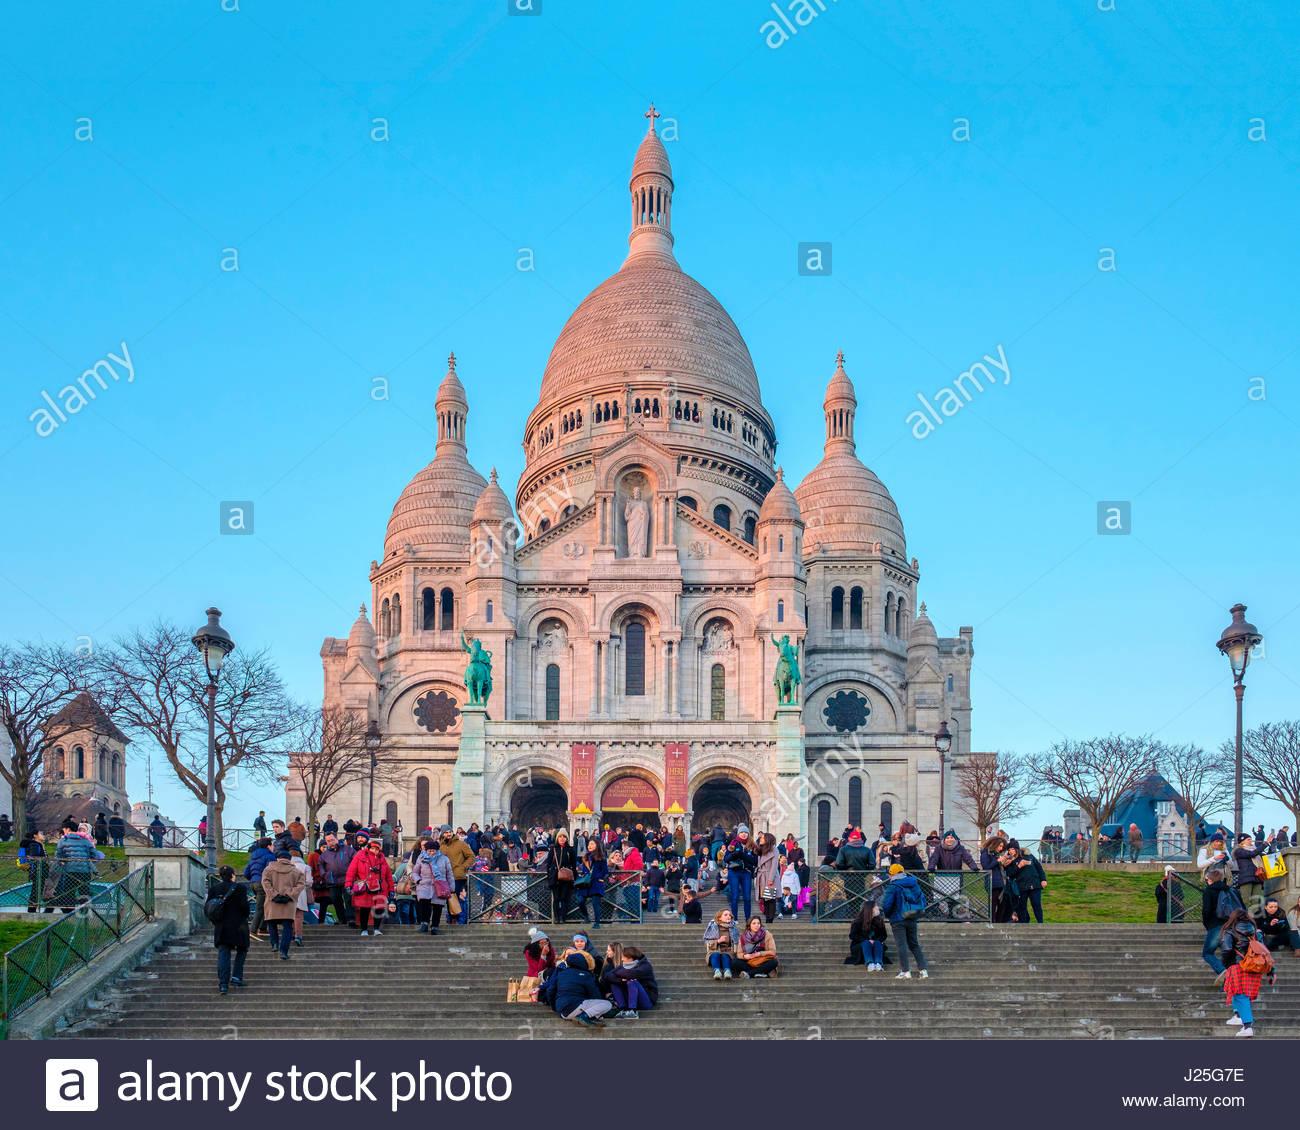 France, Île-de-France, Paris. Basilica of Sacre Coeur at sunset, Montmartre. Stock Photo